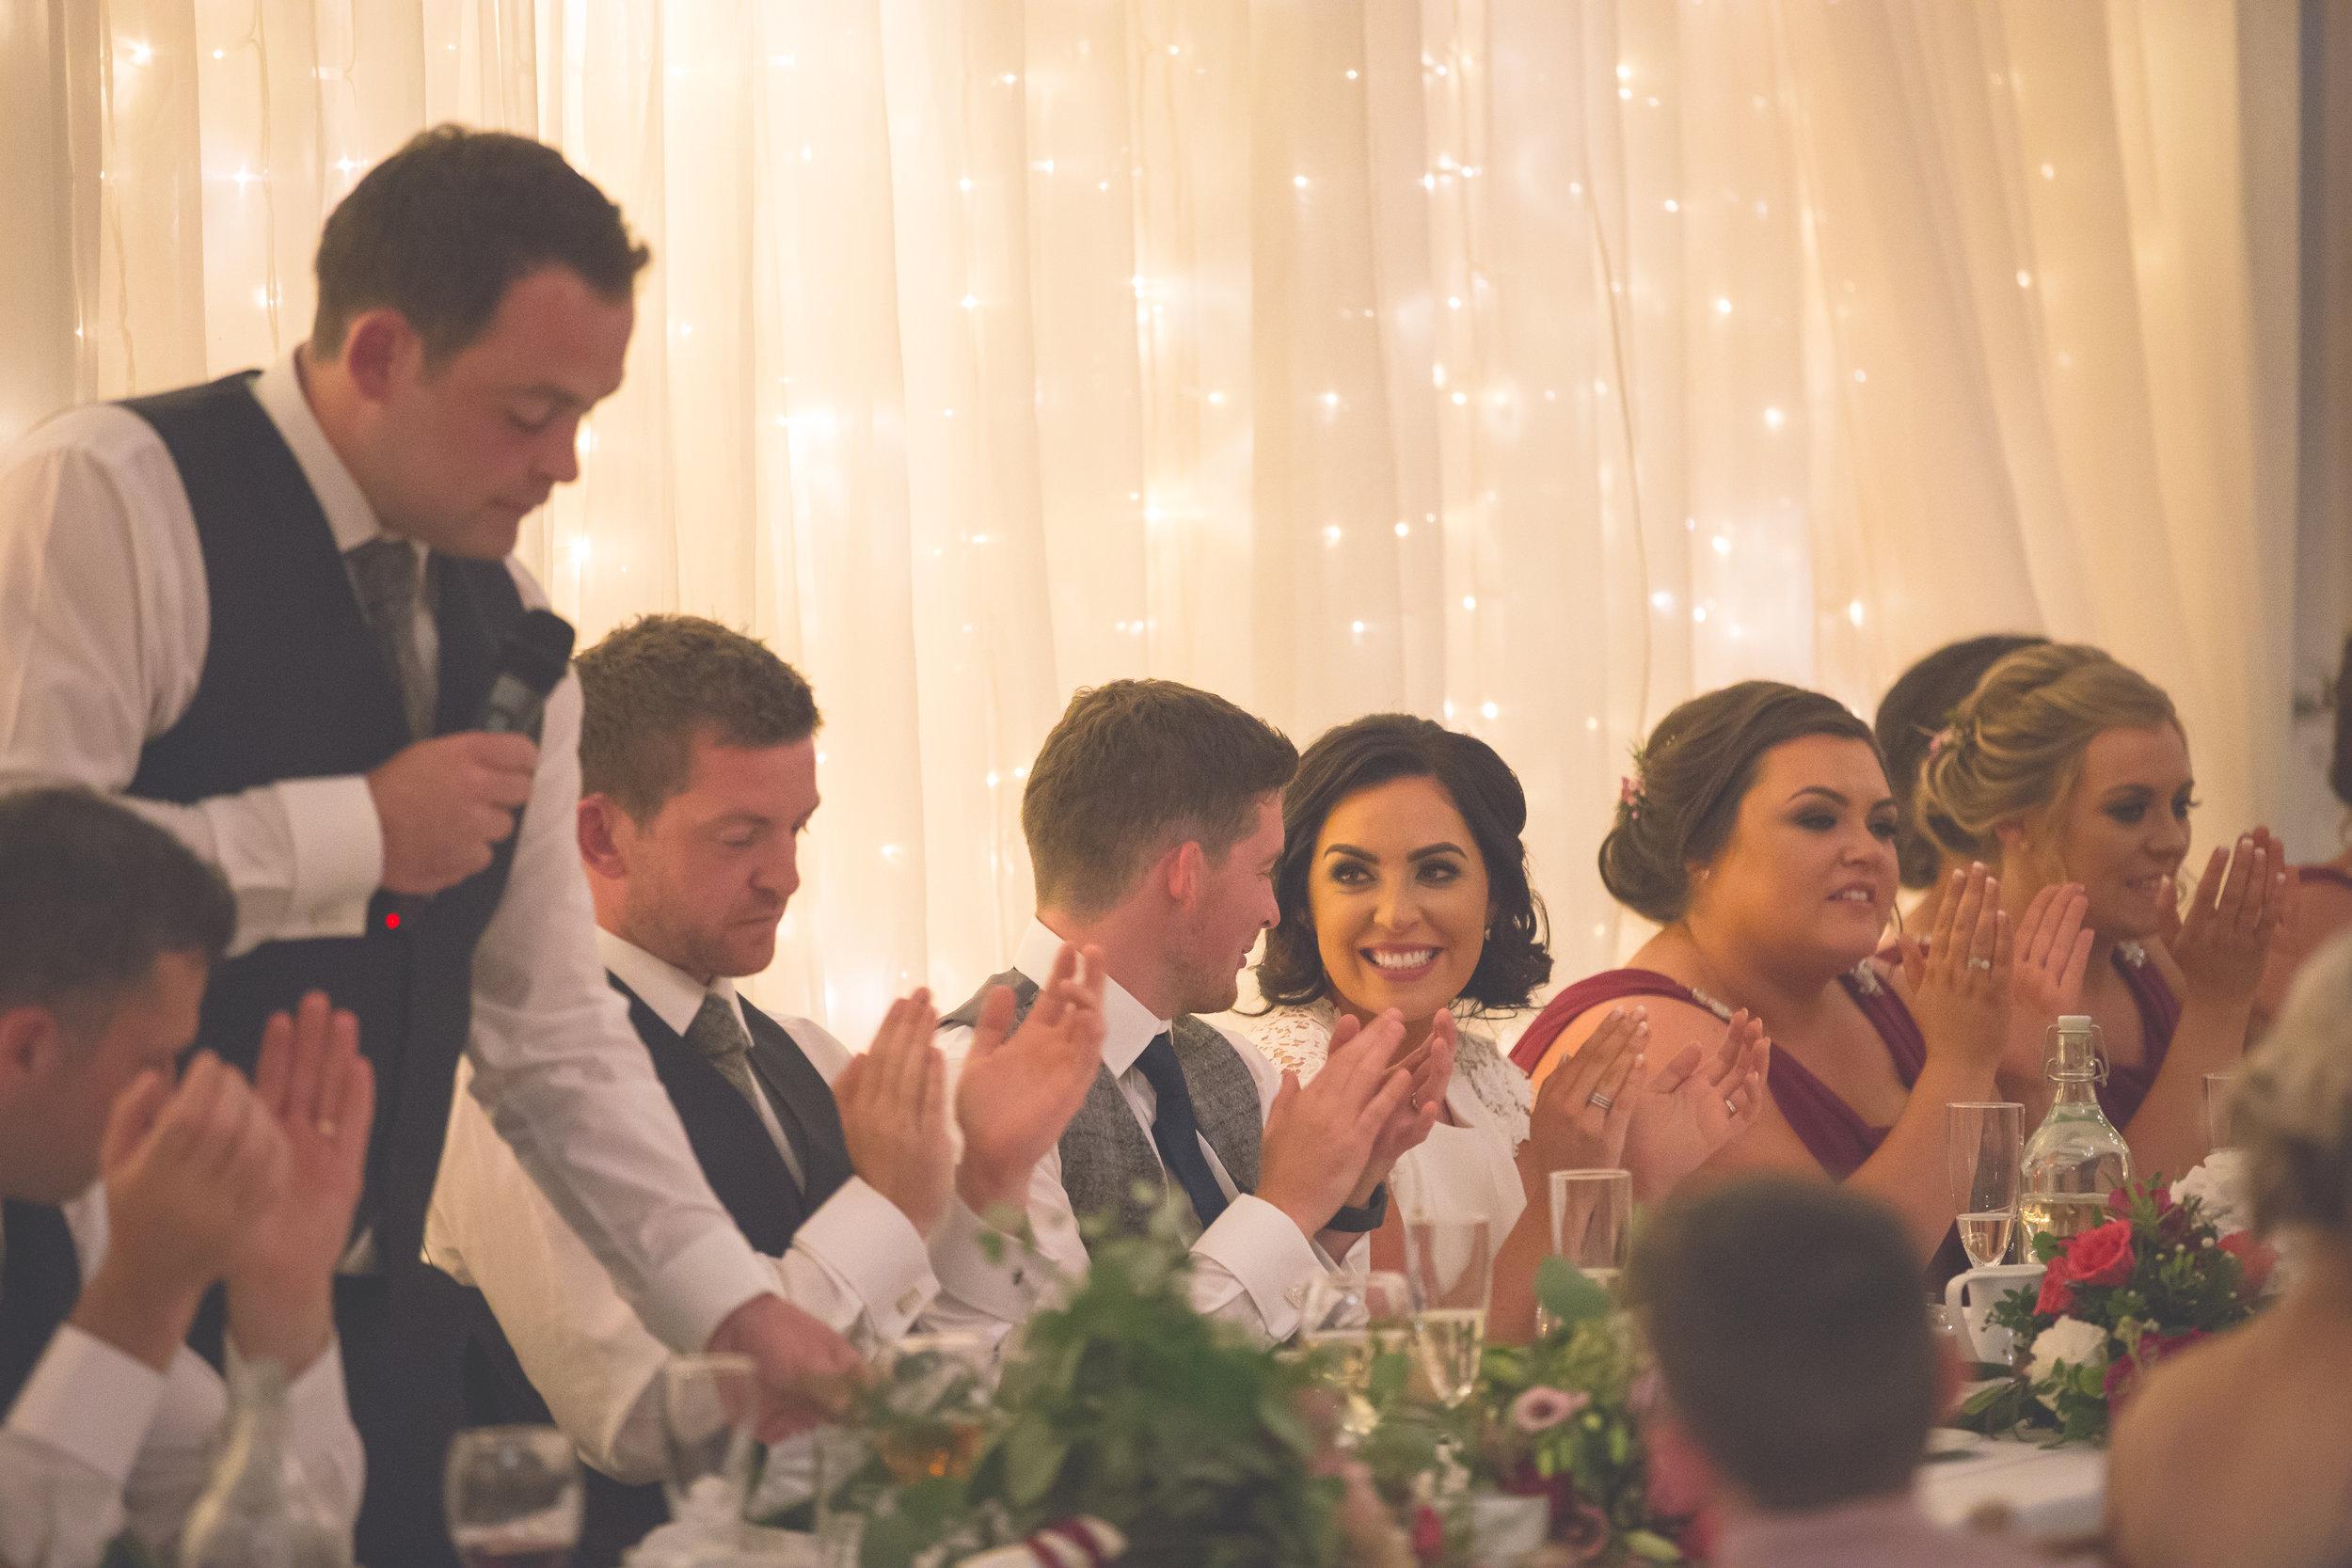 Brian McEwan Wedding Photography | Carol-Anne & Sean | The Speeches-102.jpg